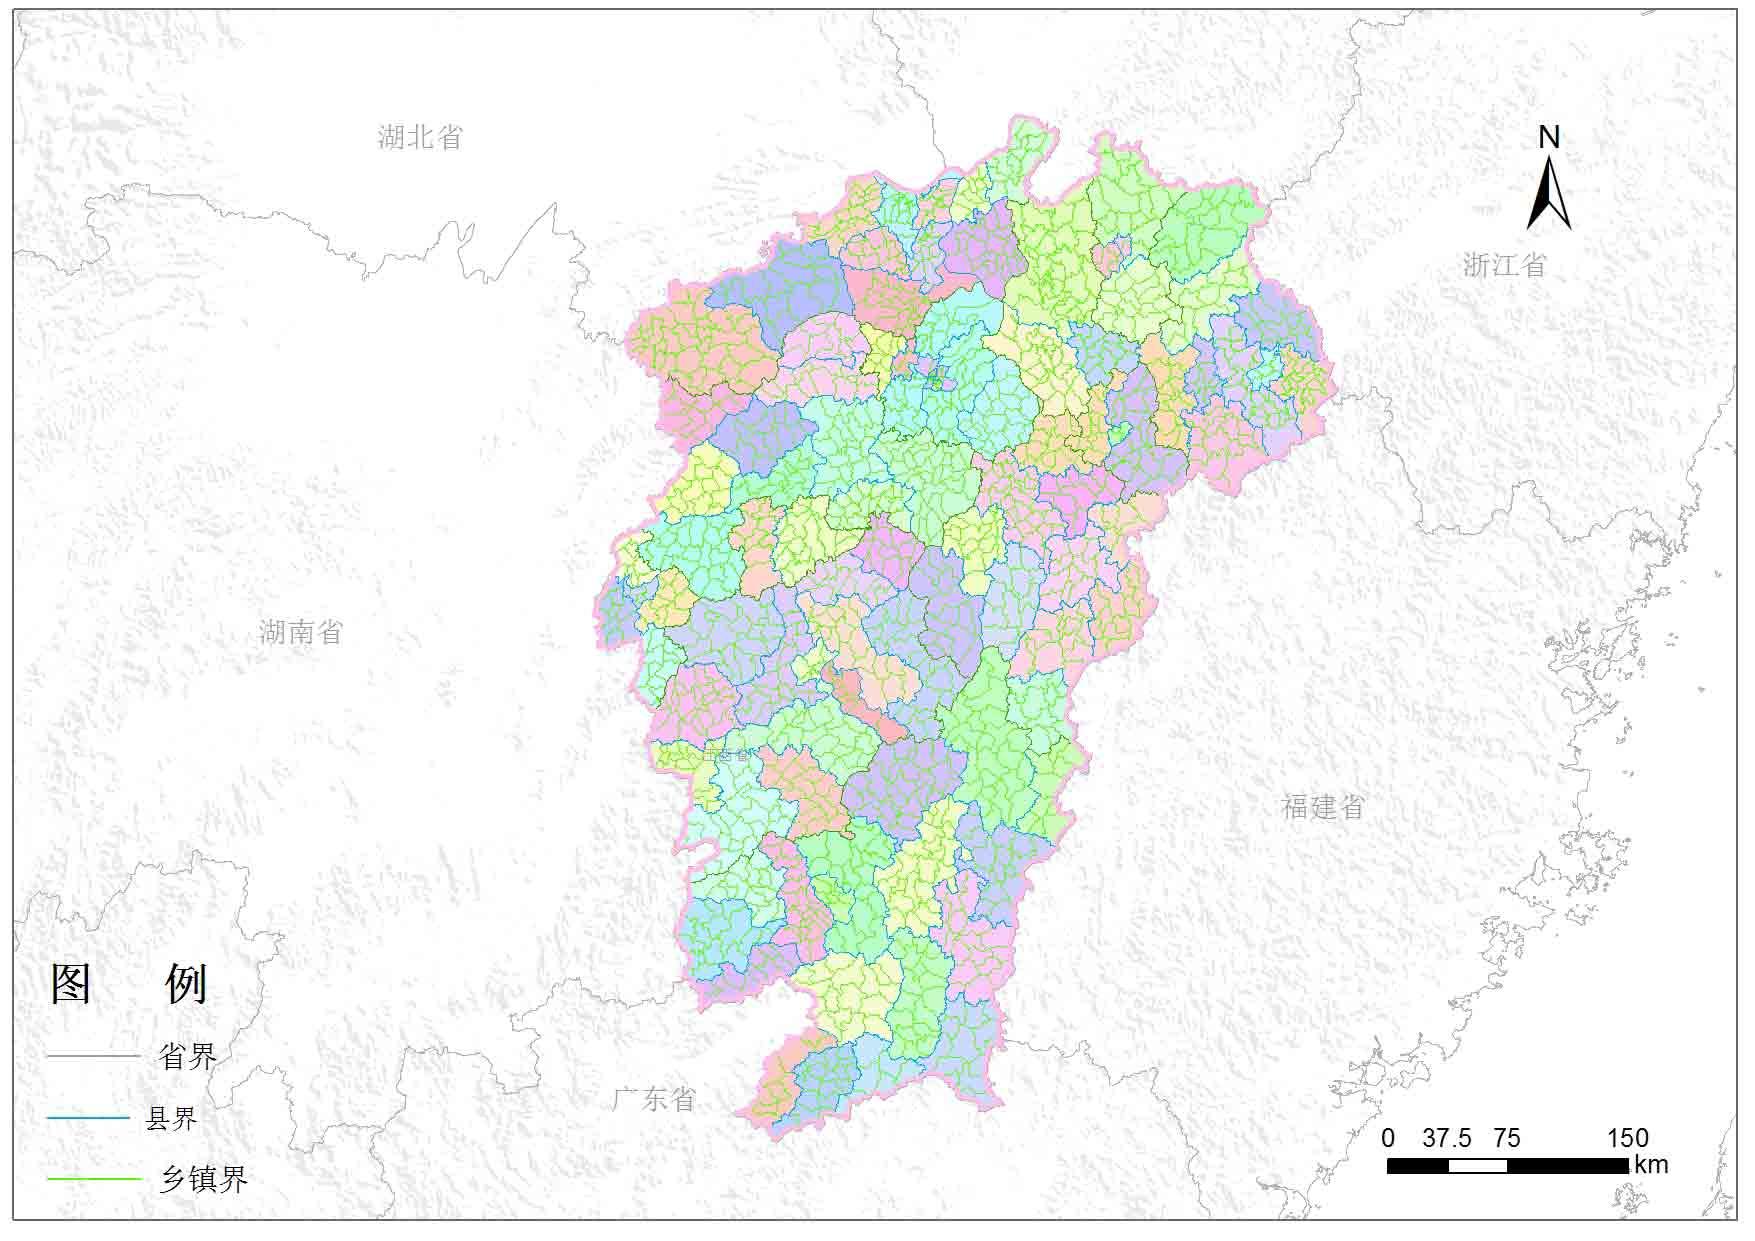 江西省乡镇行政区划-地图数据-地理国情监测云平台